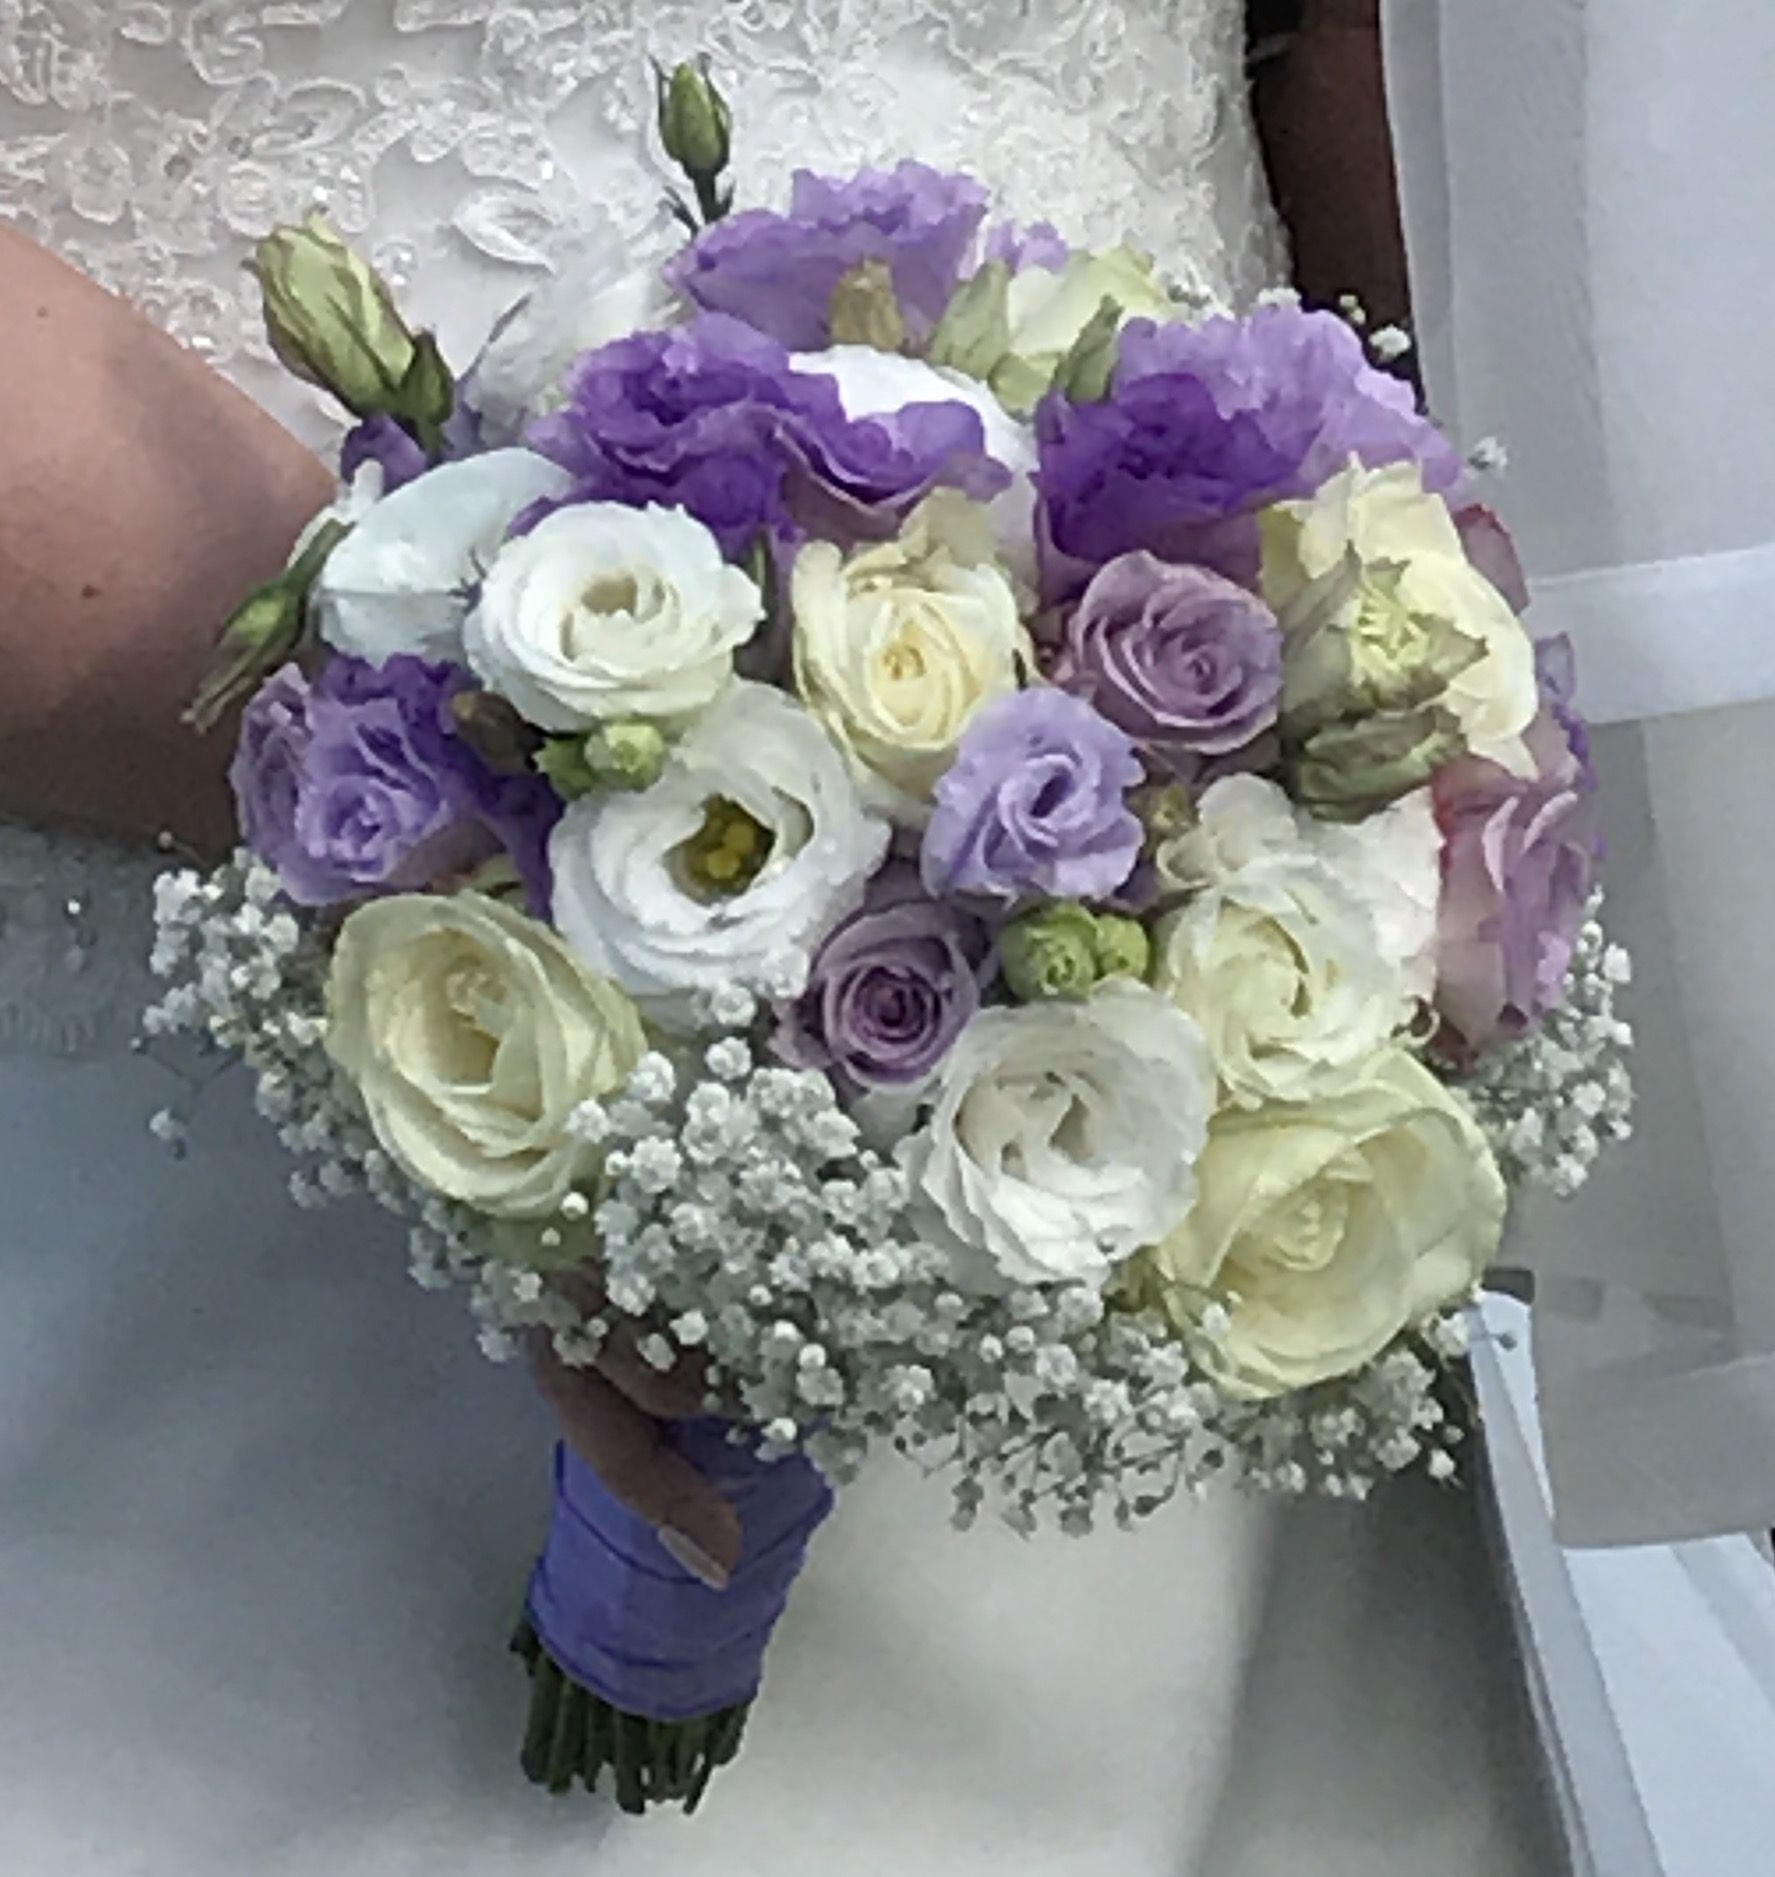 Bouquet Sposa Lilla E Bianco.Bouquet Lisianthus Bianco E Lilla Bouquet Matrimonio